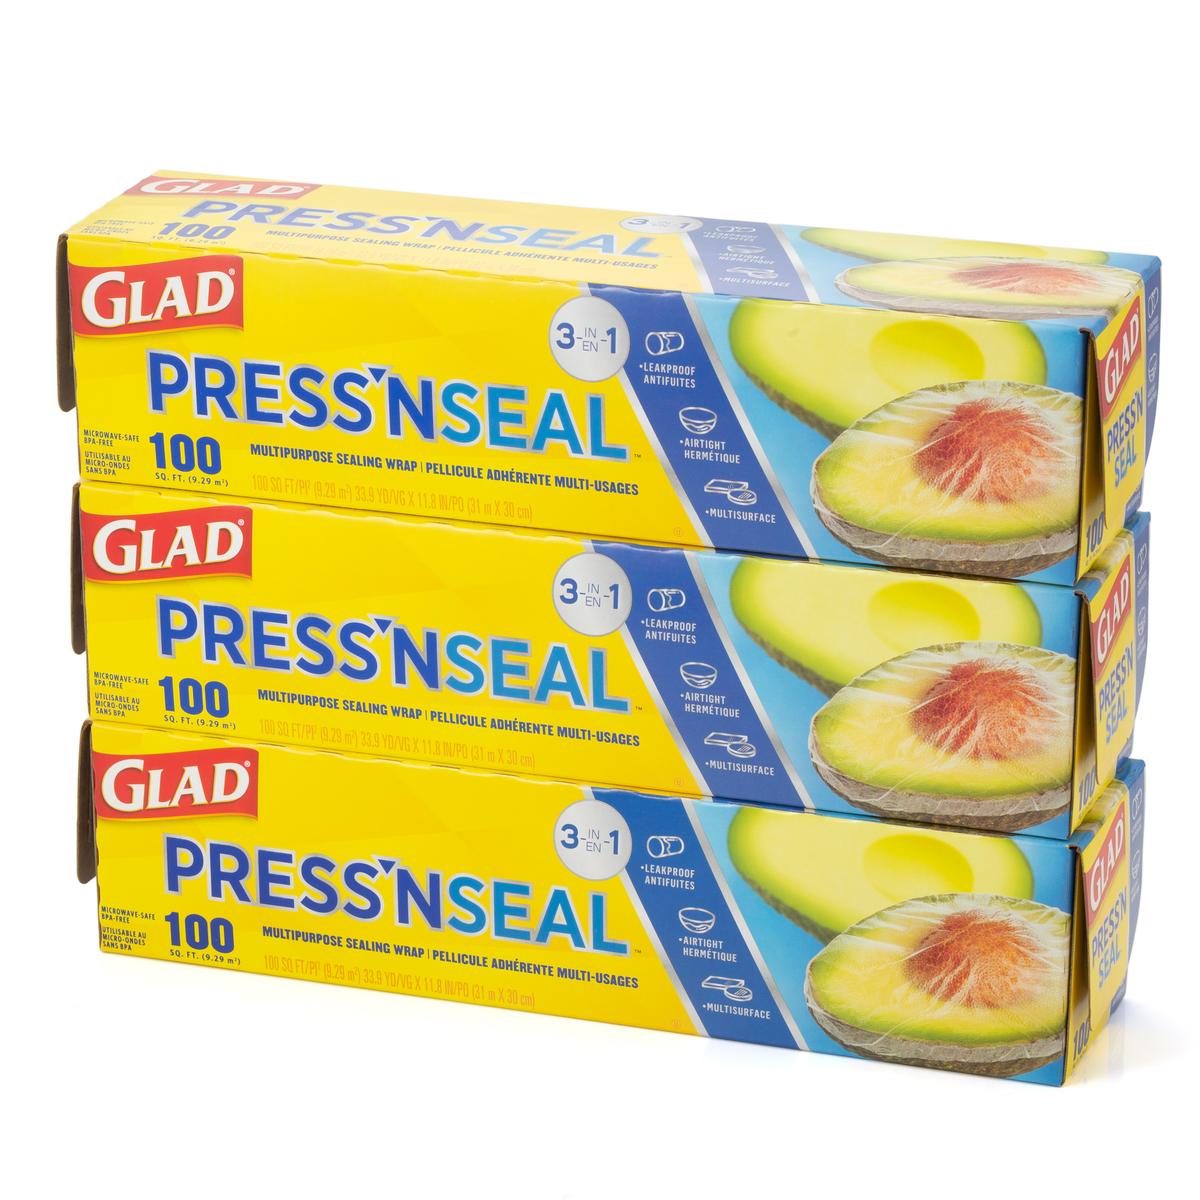 グラッド プレス&シール マジックラップボーナスパック3本セット